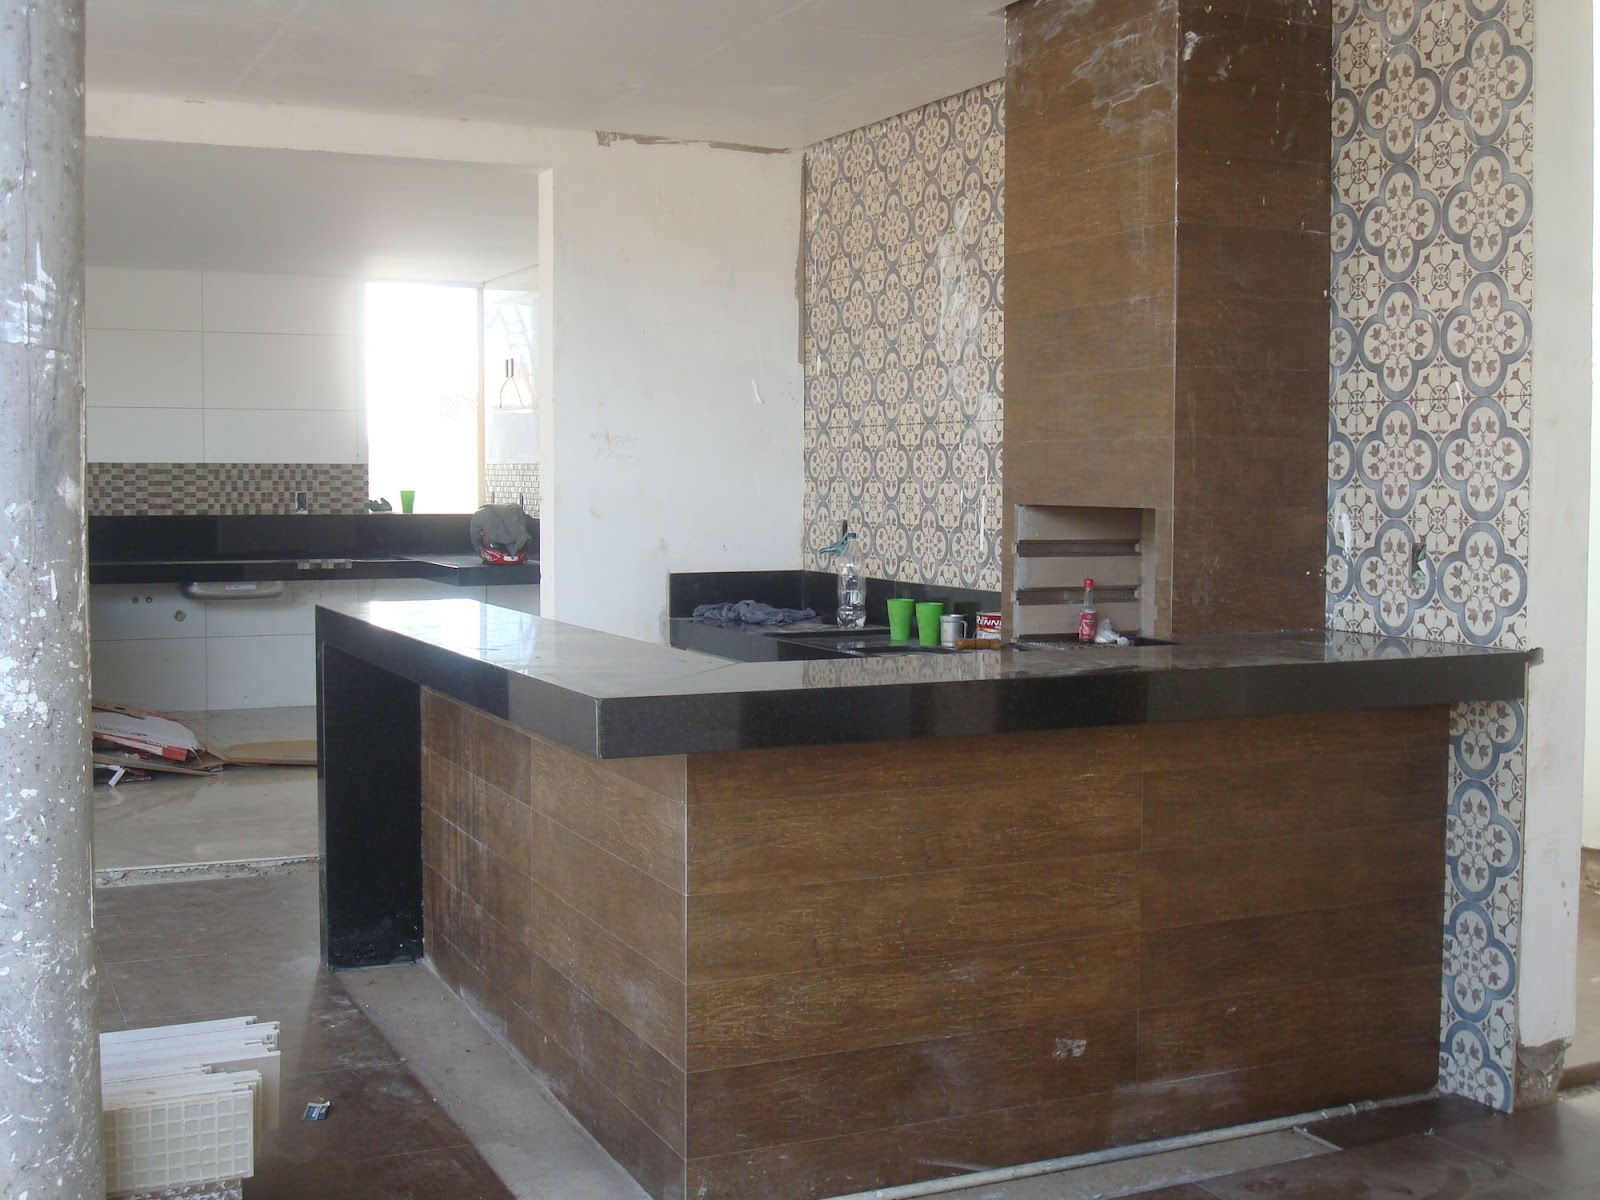 Usado para revestir a churrasqueira painel da cozinha ducha piso da  #5E4938 1600 1200